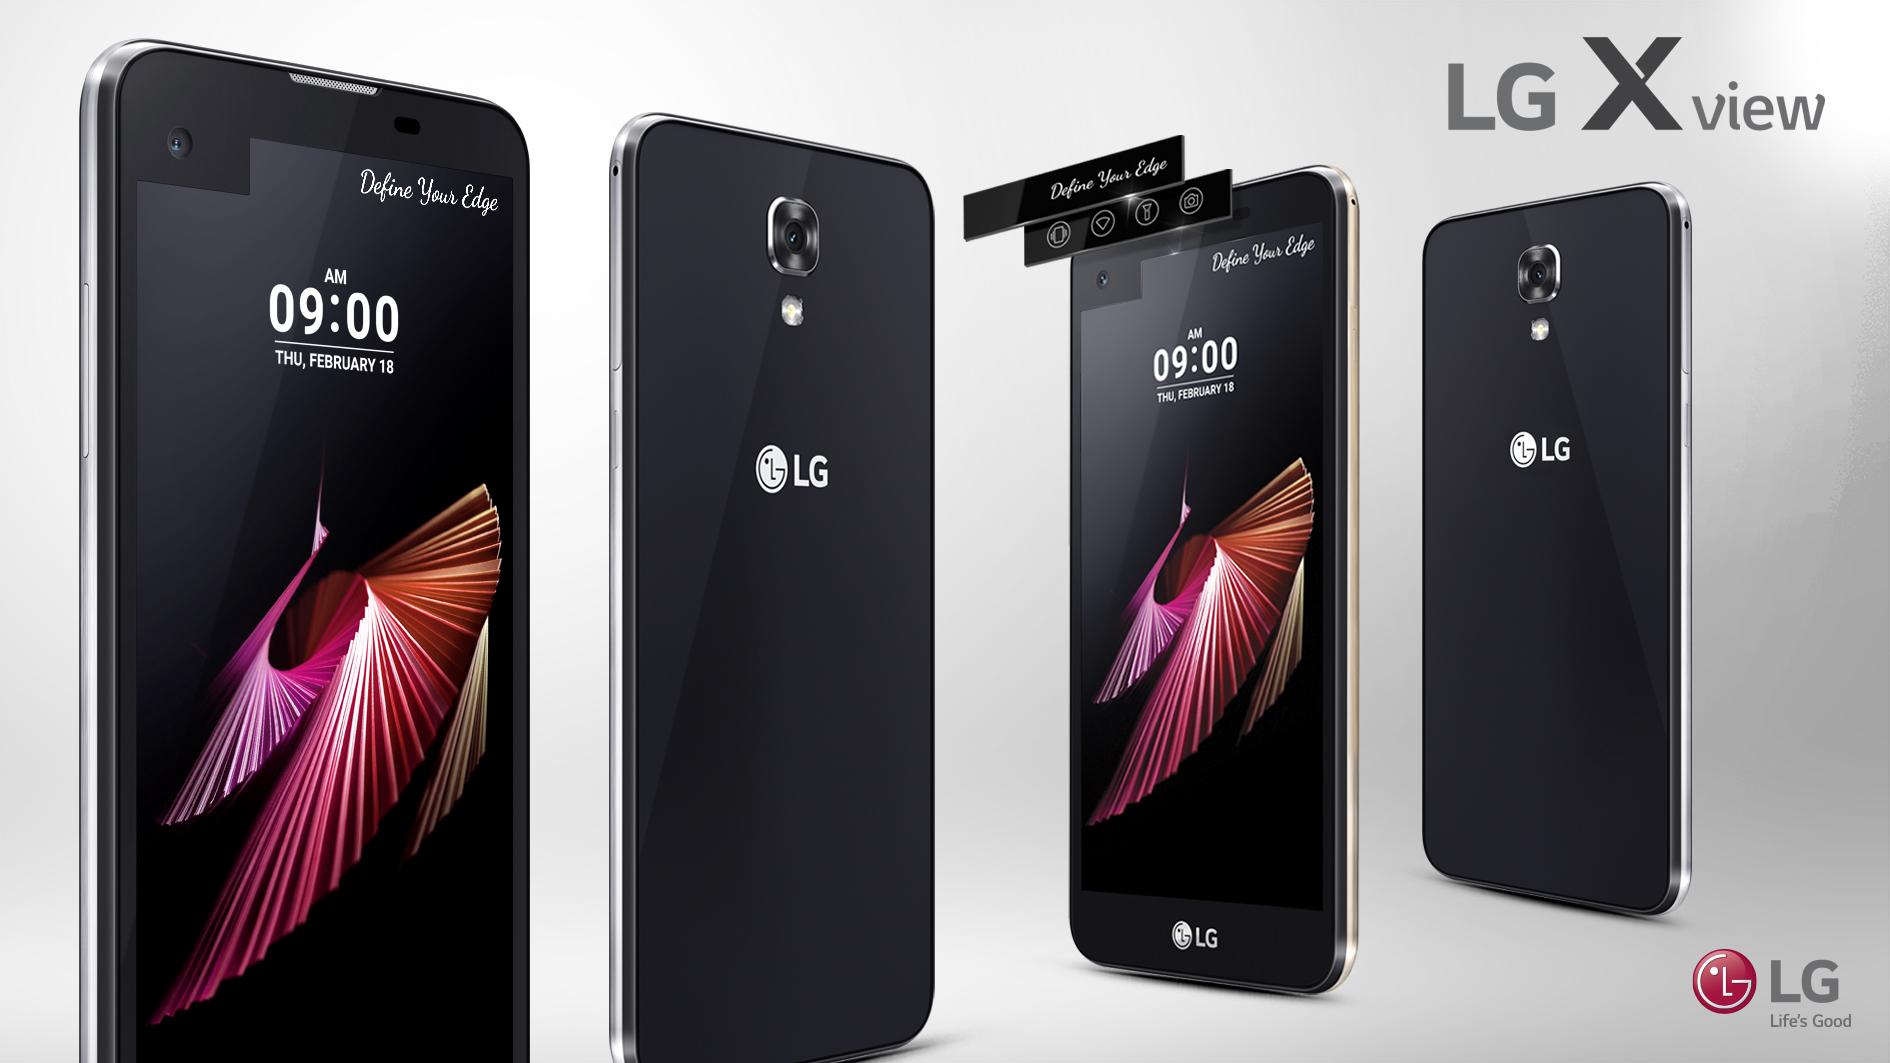 Новый смартфон LG X view